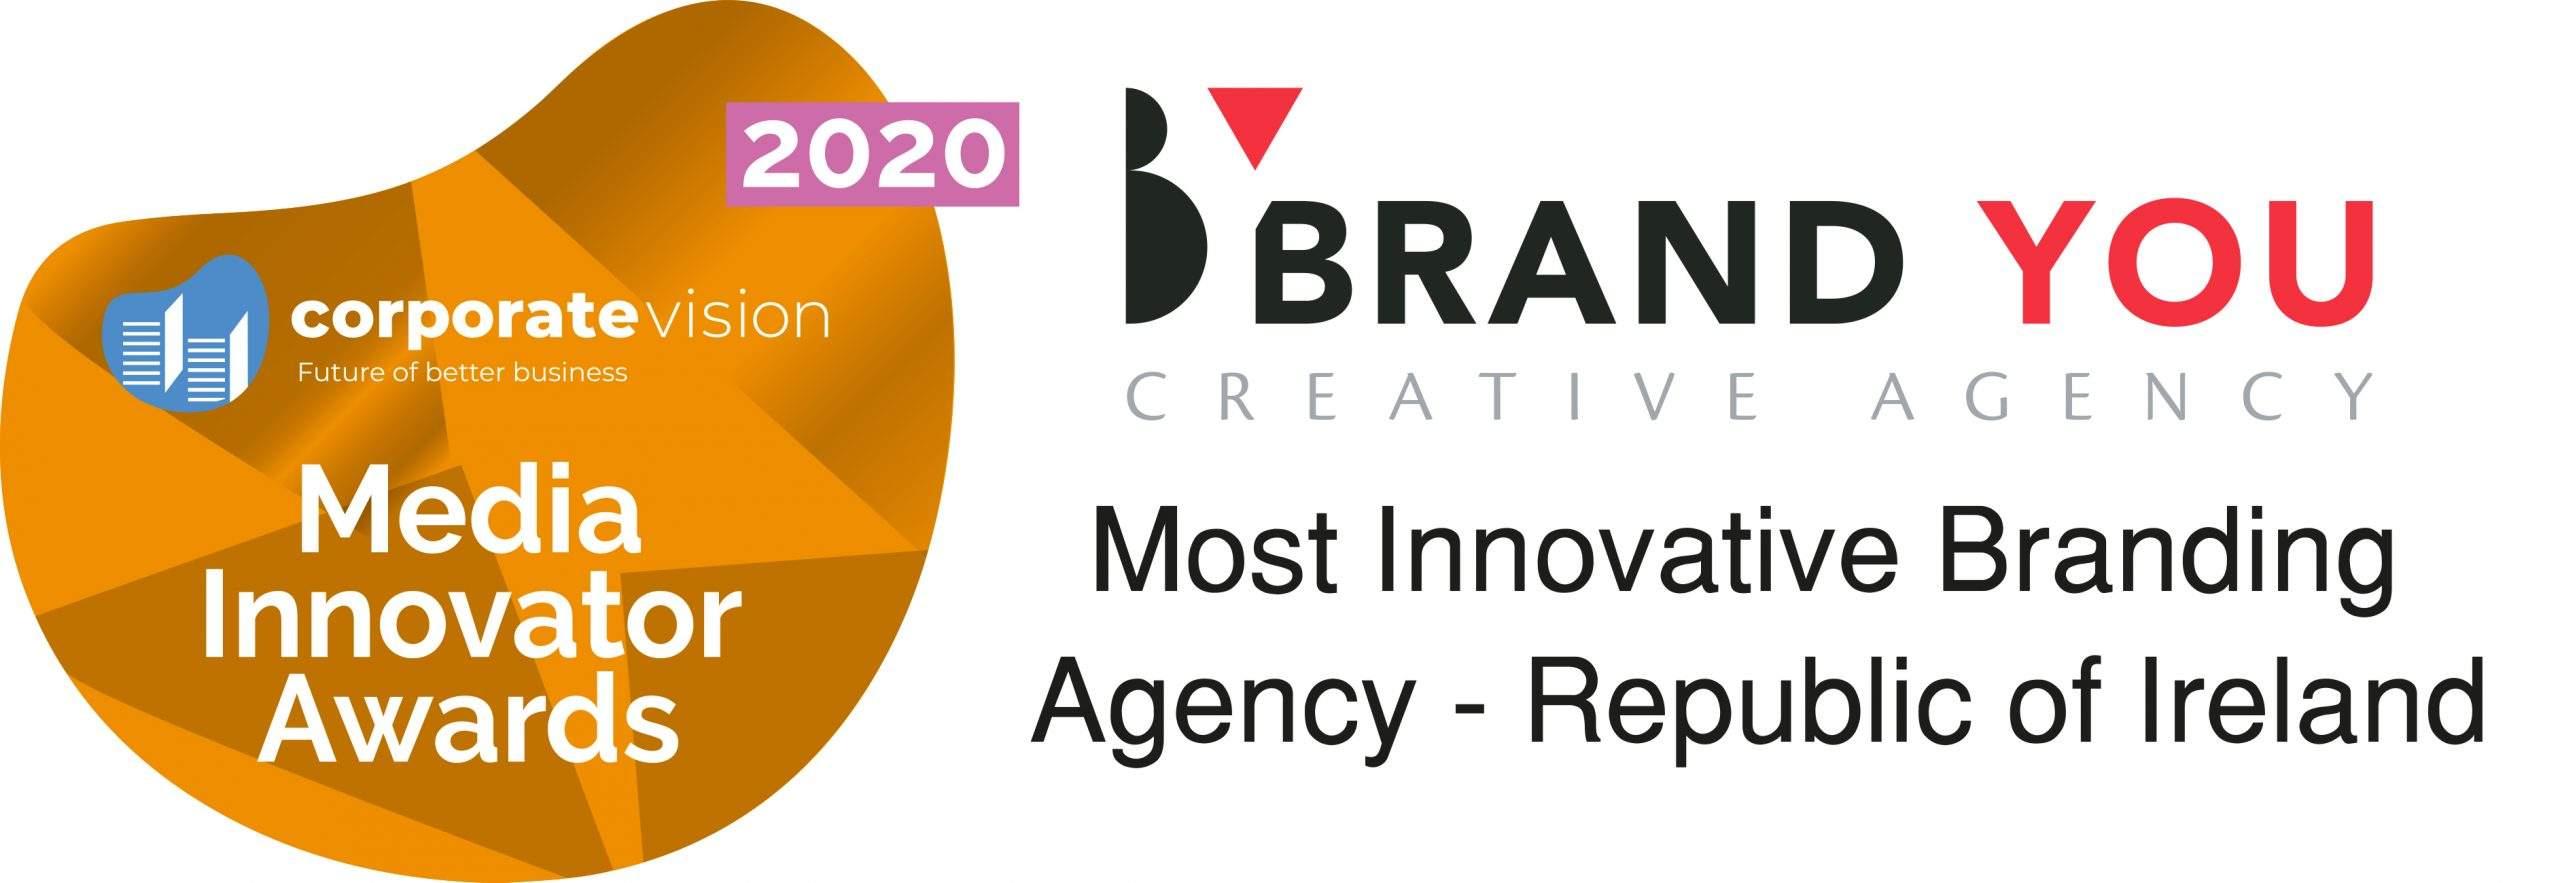 Nov20070-2020-Media-Innovator-Awards-Winners-Logo